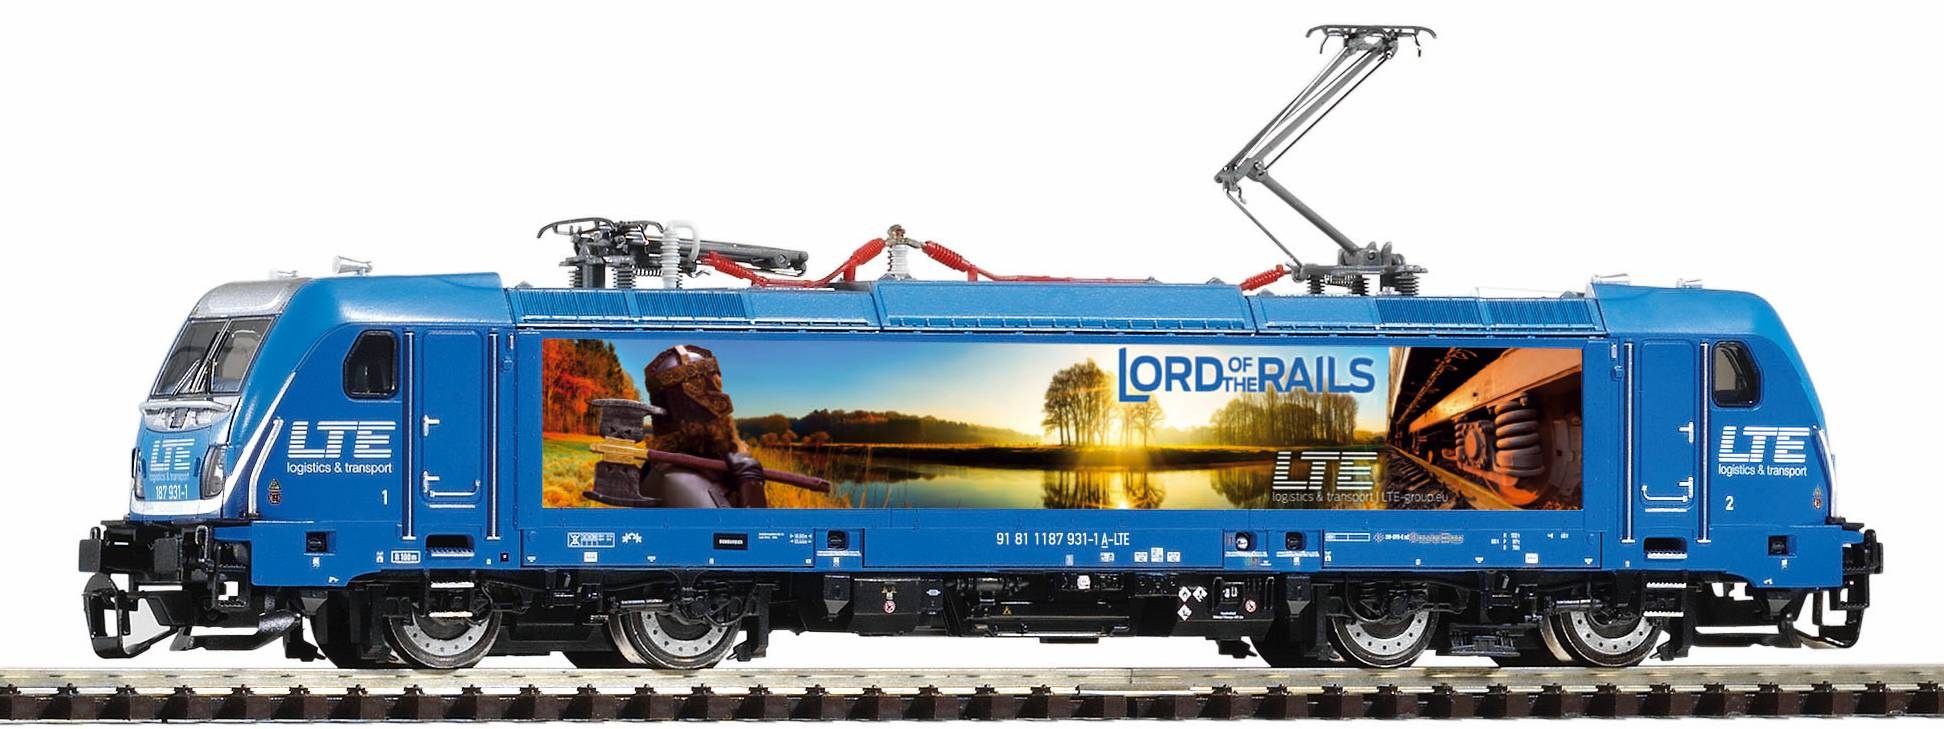 Piko Elektrická lokomotiva BR 147.5 Traxx AC3 s 4 pantografy LTE VI - 47455